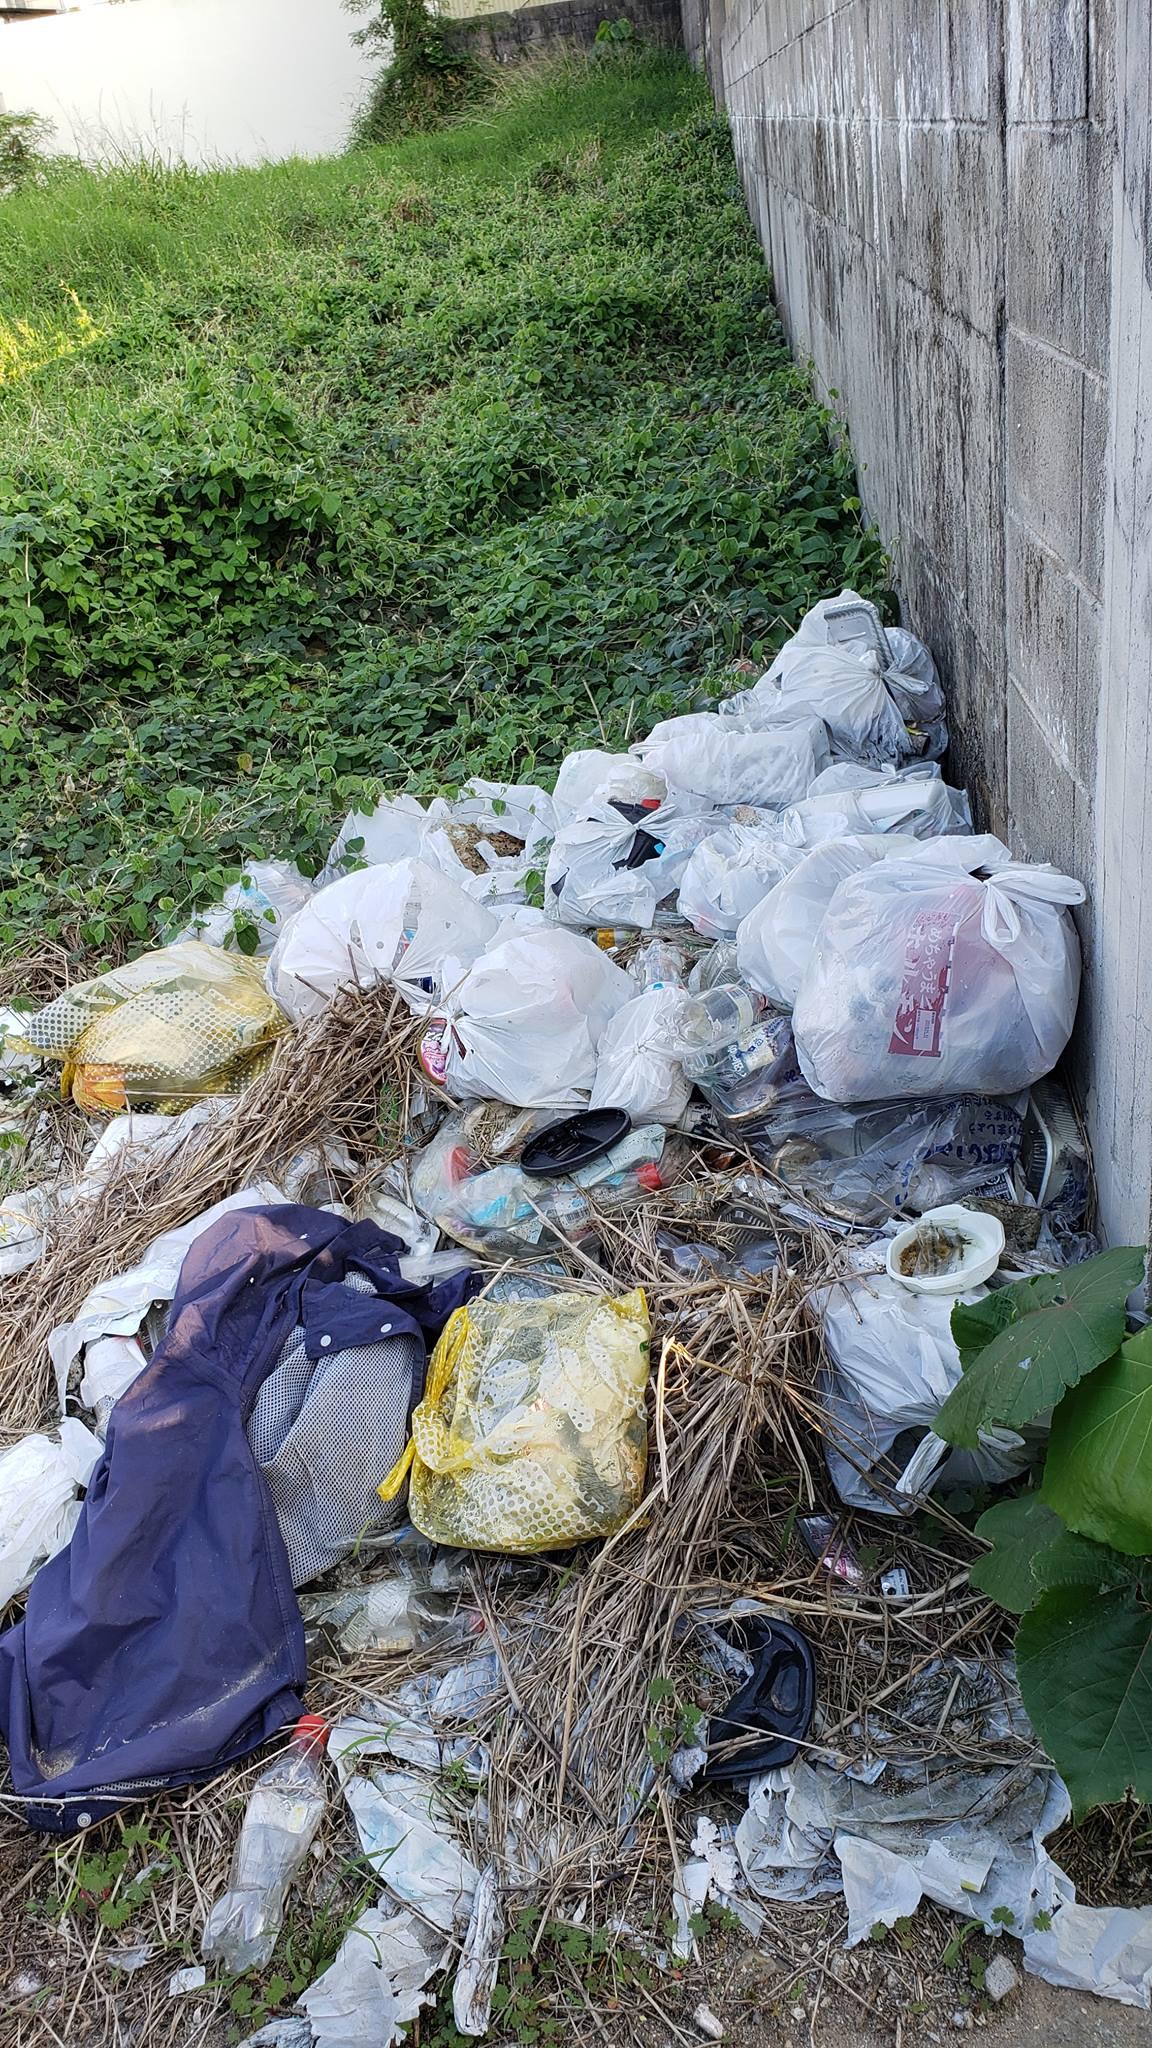 Q.石垣島の家の近く(家から見える場所)の空き地にゴミを捨てている人がいます。家庭ゴミです。スーパーの袋に入れて捨てられています。私道ですが私も車で通る場所でとても不快で困っています。自分の土地でもないし誰が捨てているかわからないのです。(もしかしたら隣接している家の人?)これは市役所?警察?どちらに相談したらいいのでしょうか?